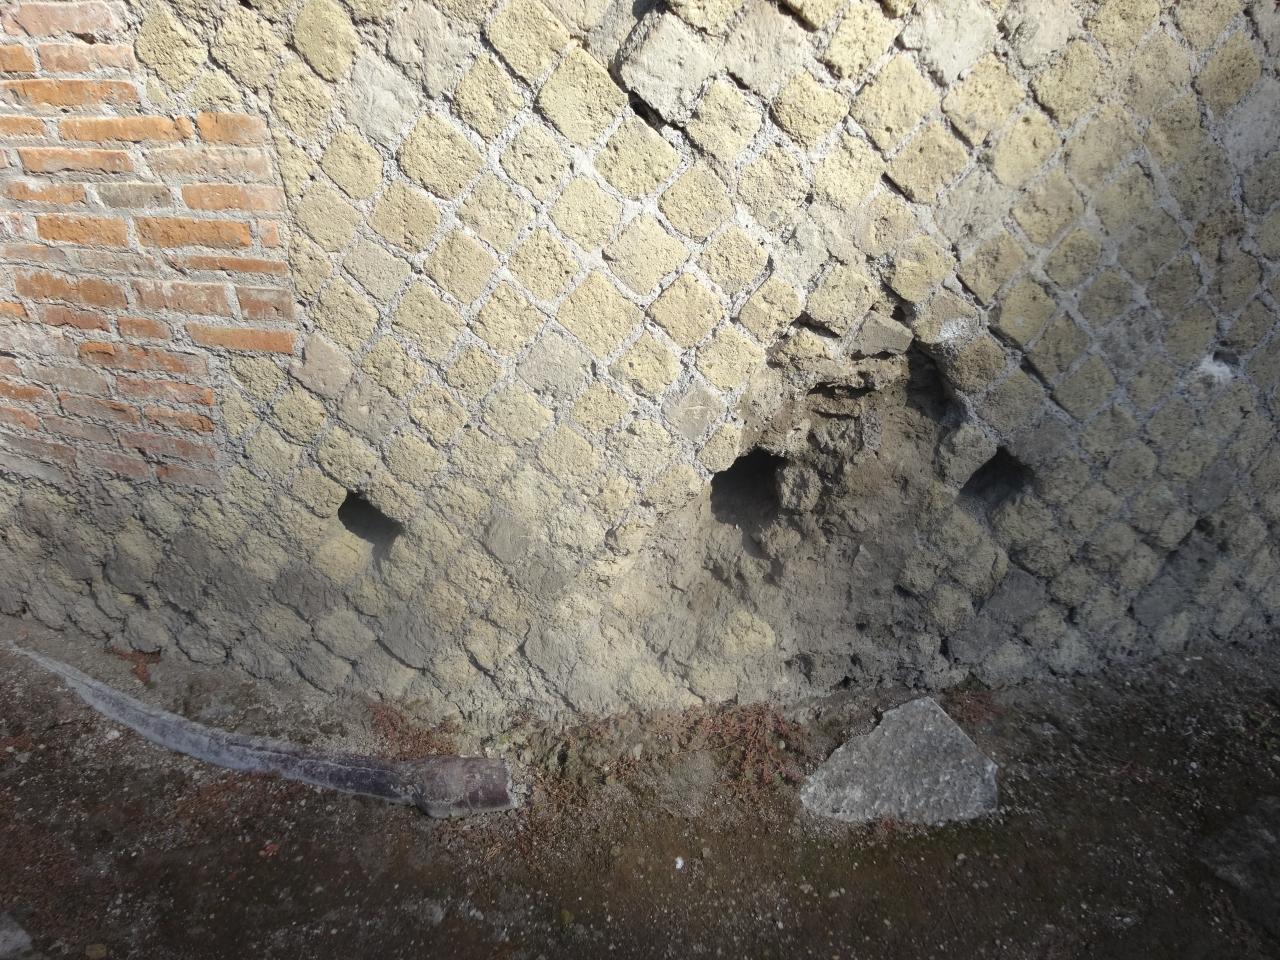 ポンペイ、ヘルクラネウム及びトッレ・アンヌンツィアータの遺跡地域の画像 p1_12